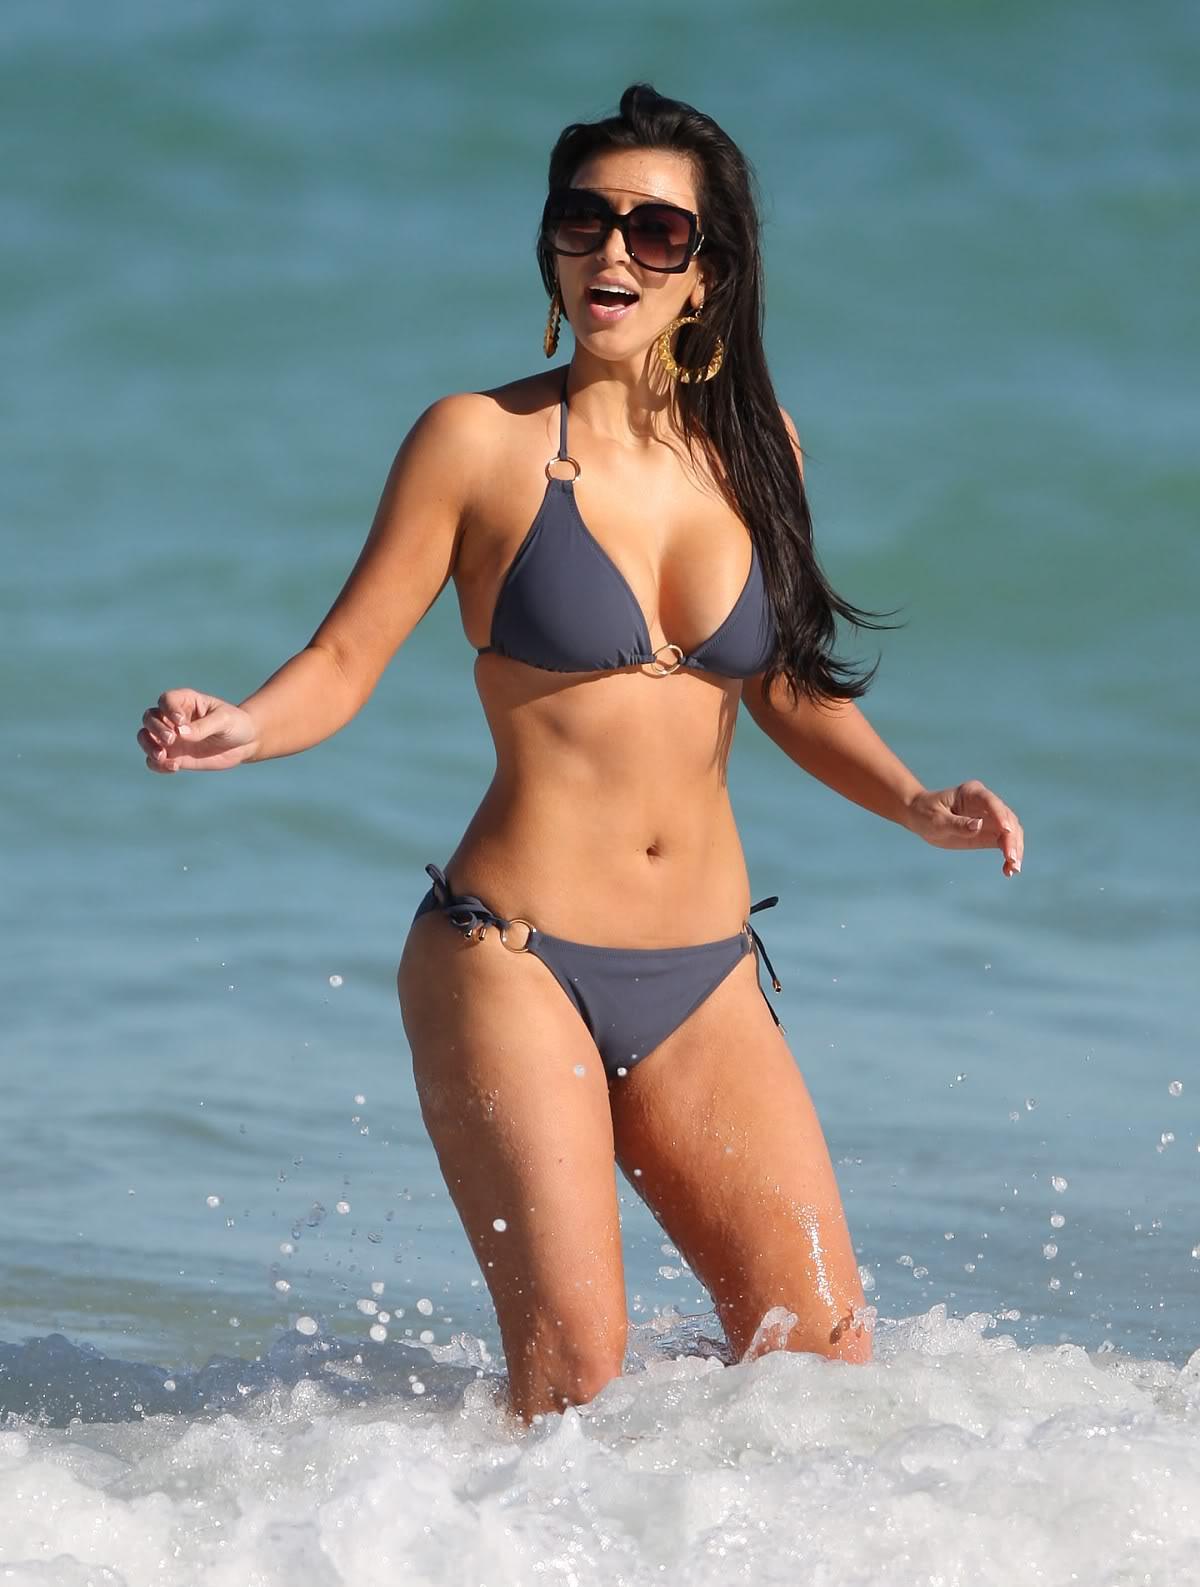 http://2.bp.blogspot.com/-BXuP7b2mM1M/Tq8jpykPuiI/AAAAAAAA1jQ/areCjt1OZAE/s1600/kim-kardashian-bikini-1-03.jpg